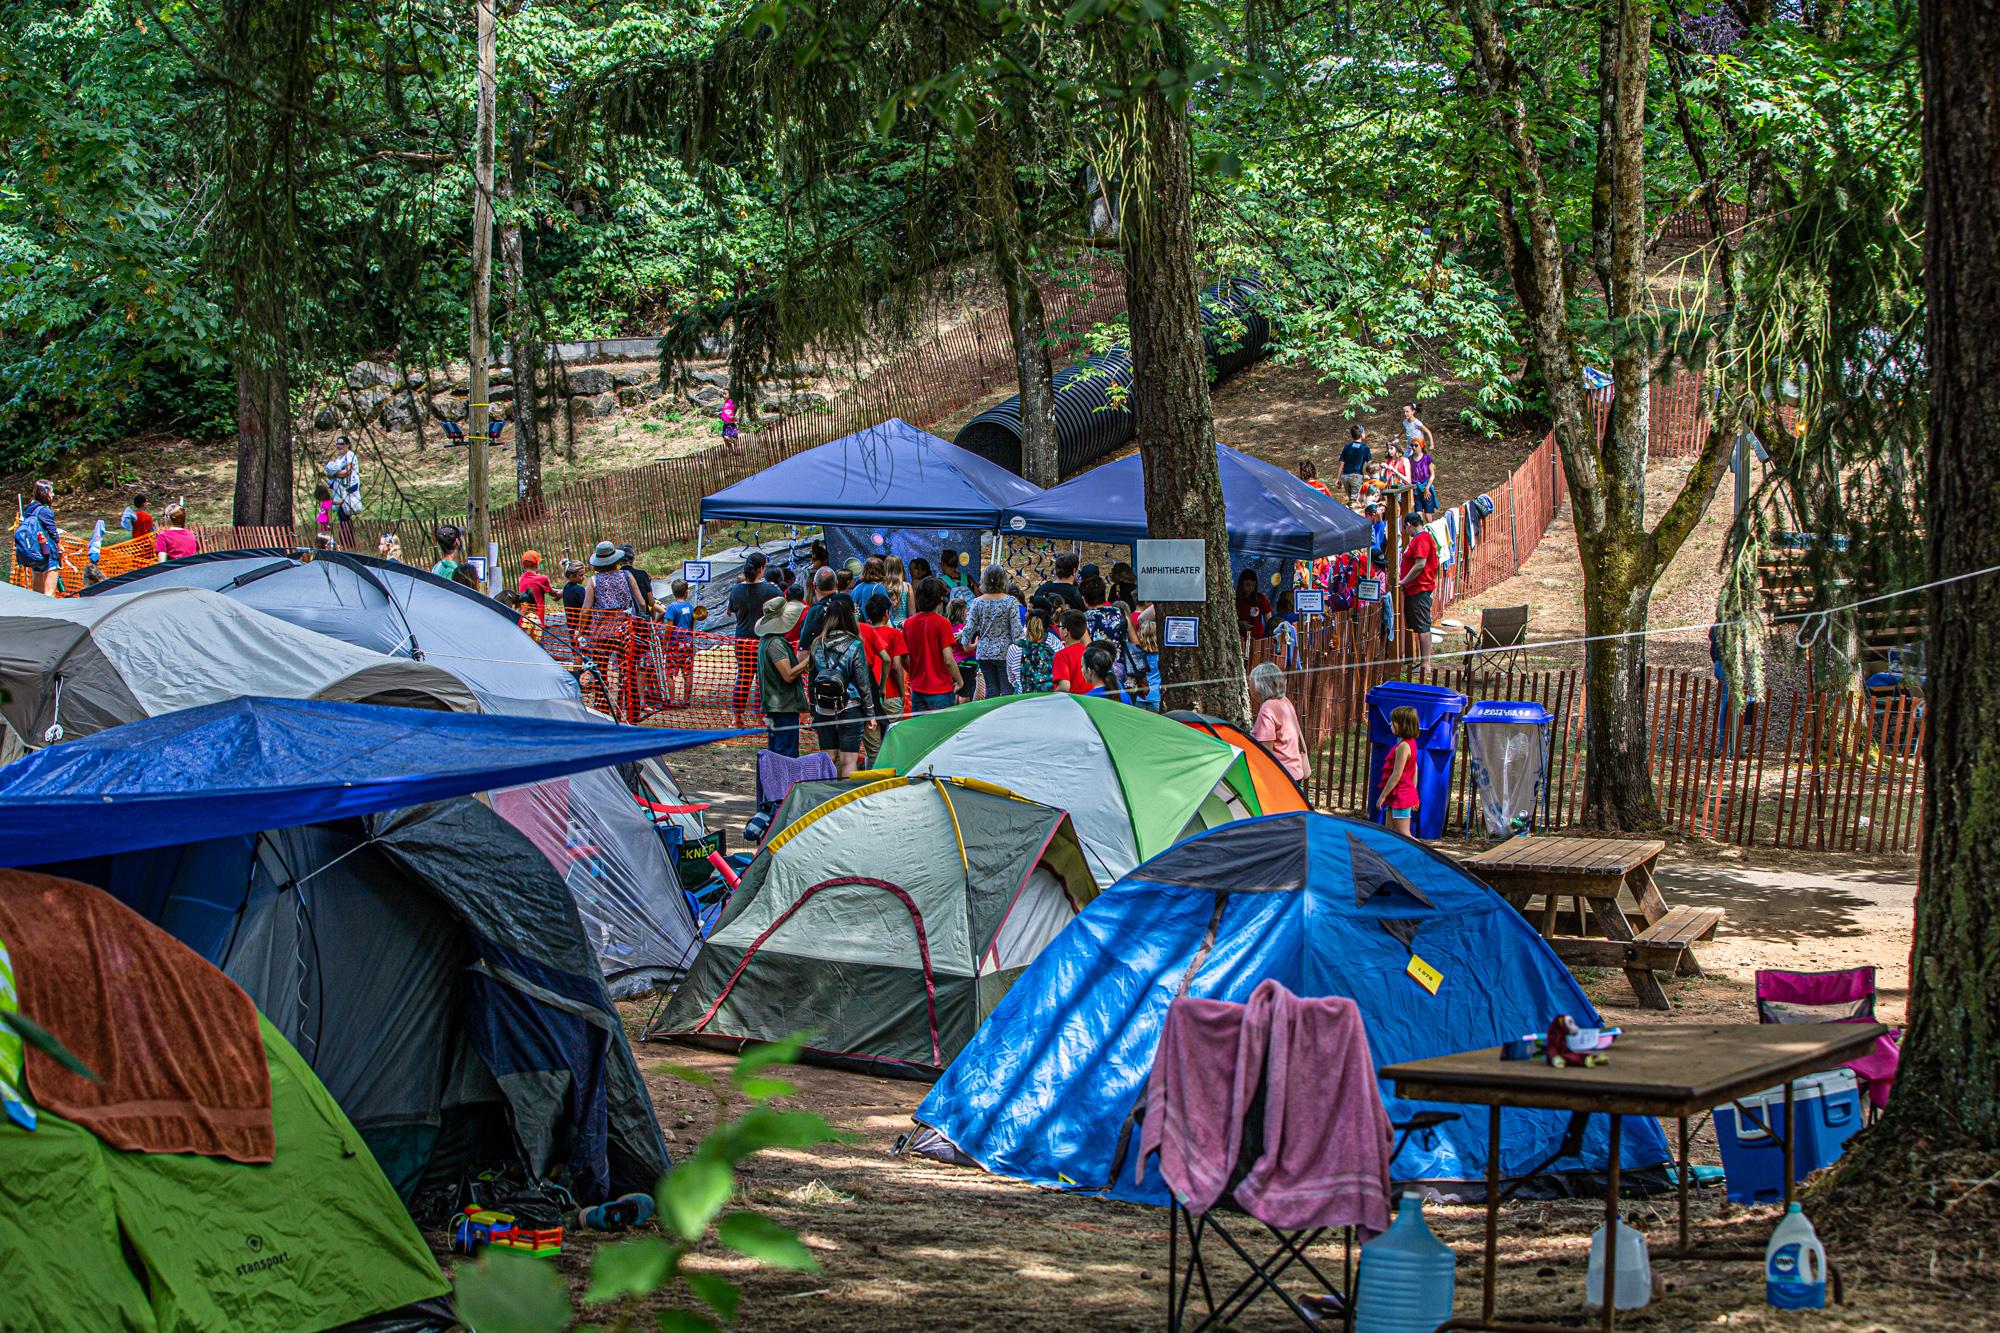 camping tents at camp meeting